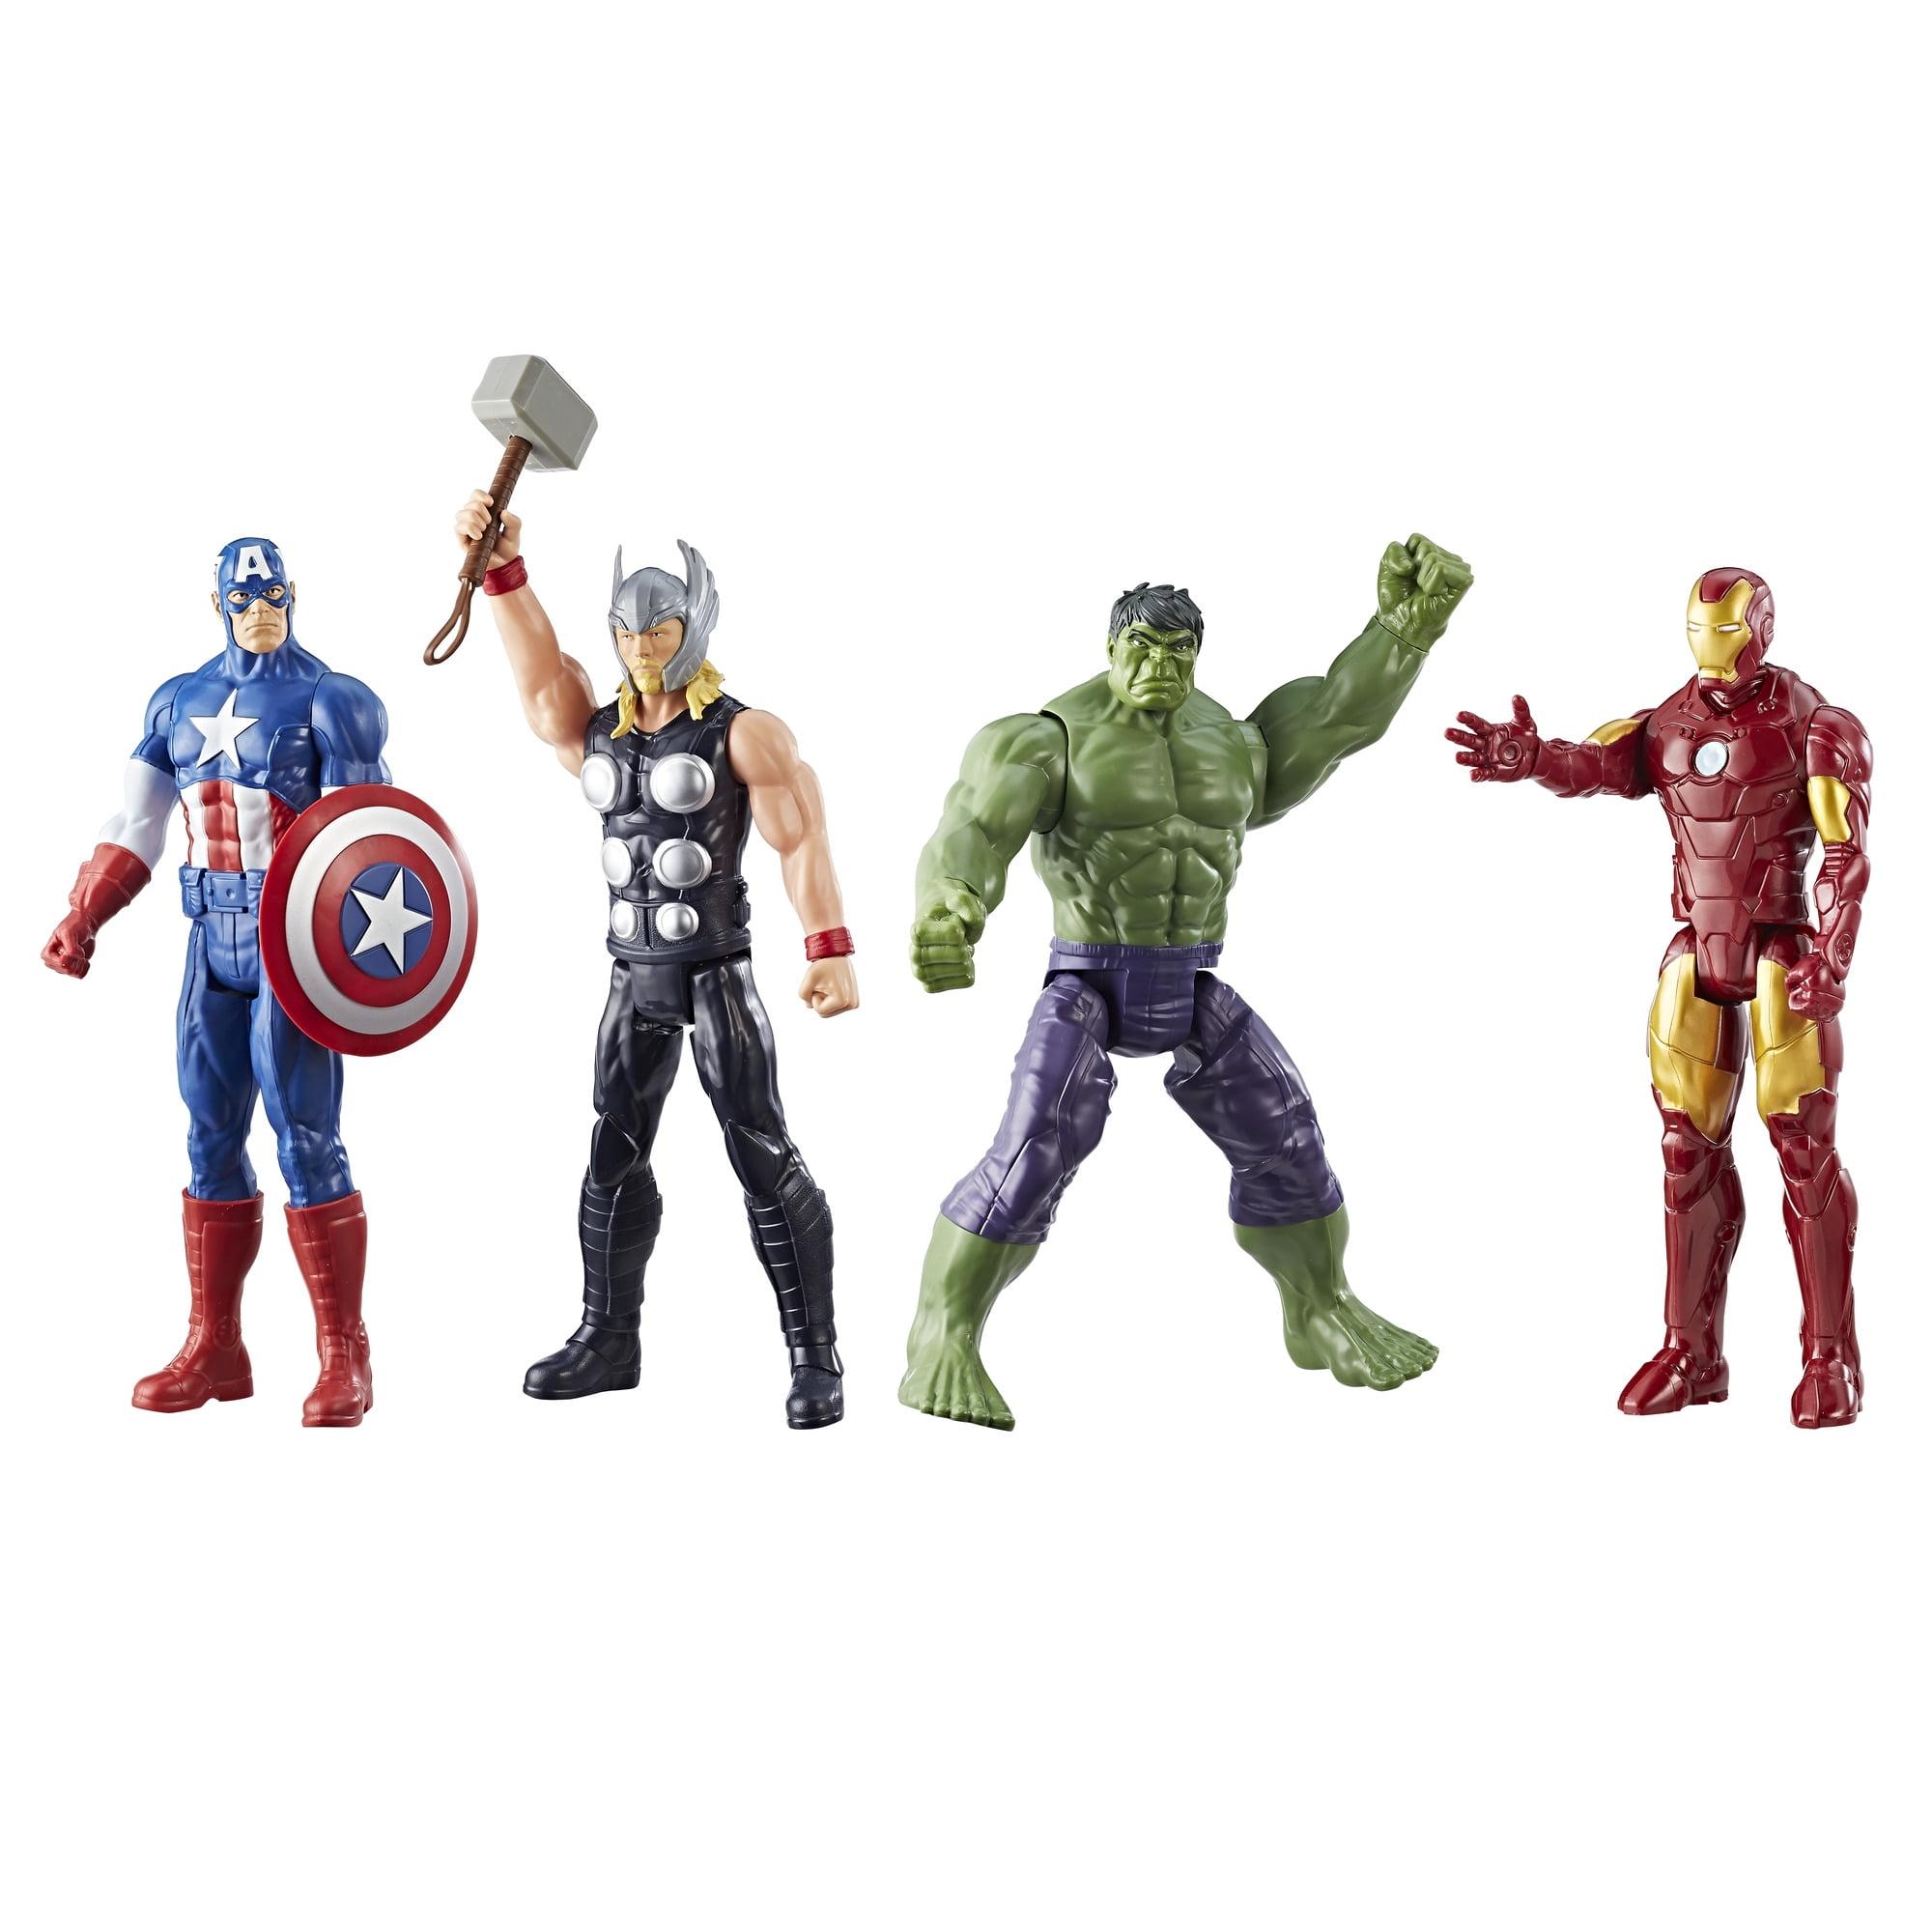 Marvel Titan Hero Series Avengers 4-Pack by HASBRO INTERNATIONAL TRADING B V